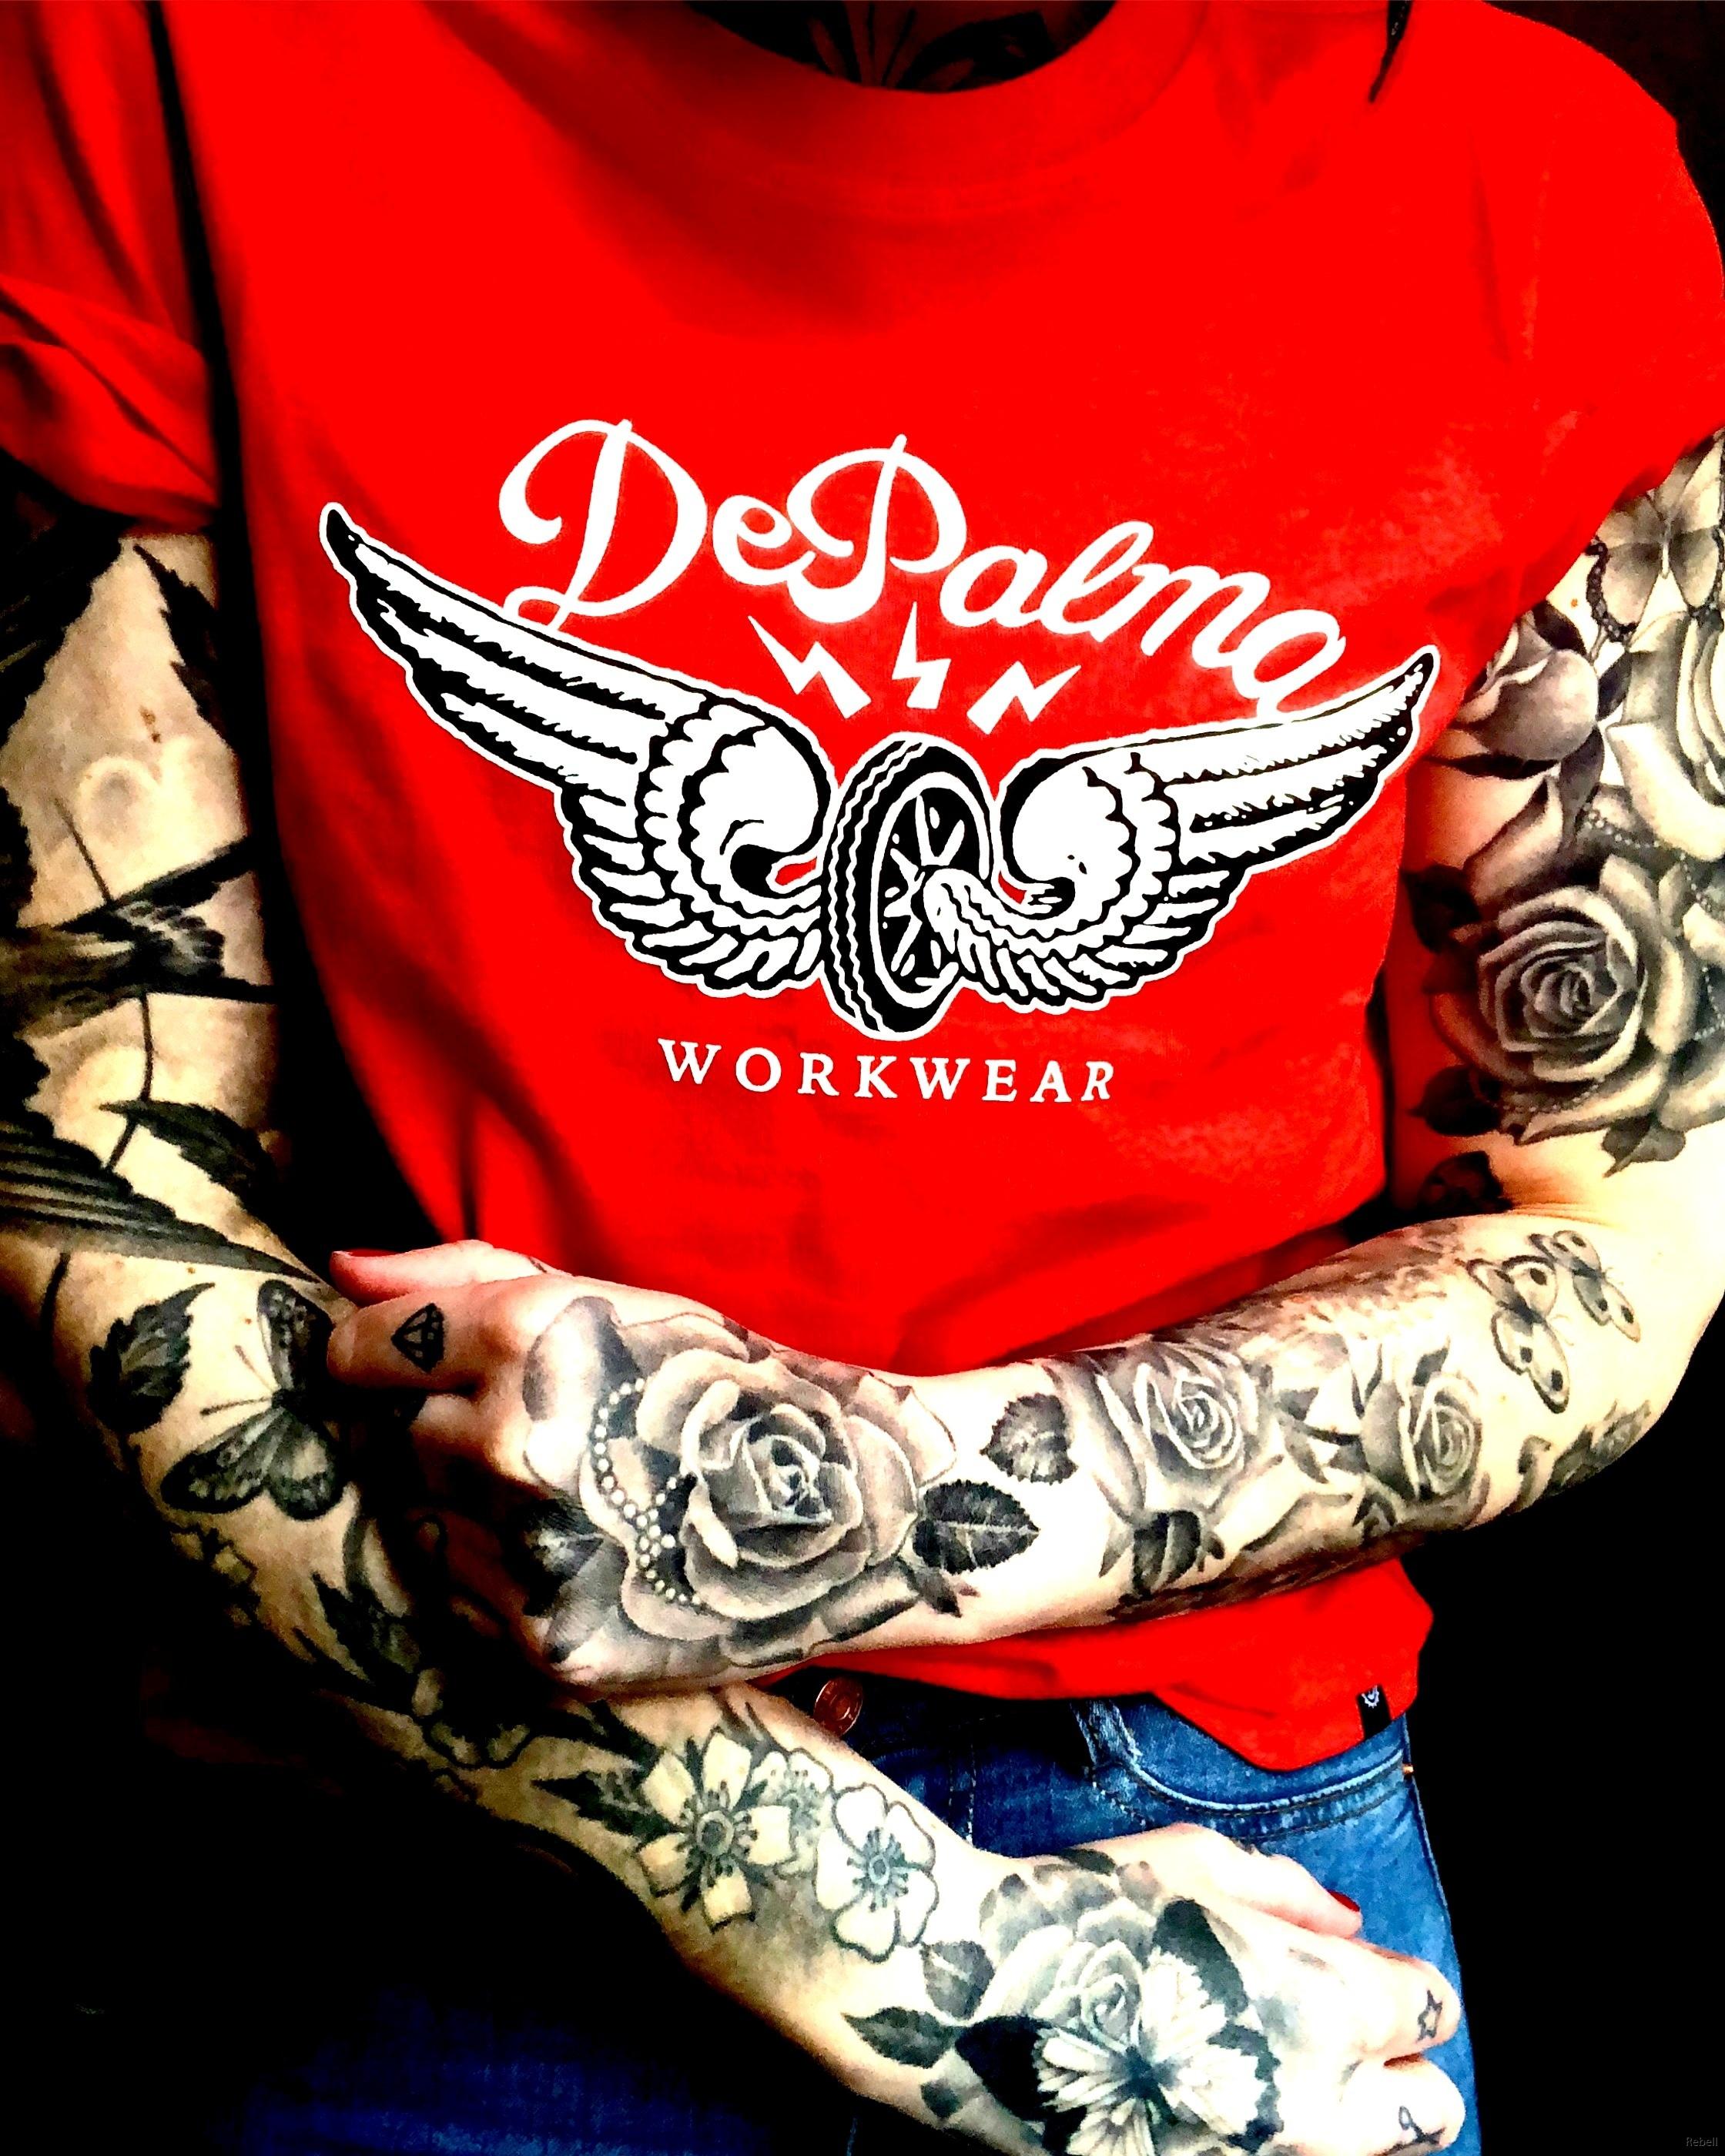 Tatuering Depalma workwear chopper chopped car custom tshirt rebell rebellskövde rebellkläder  bilar hotrods motor wheels